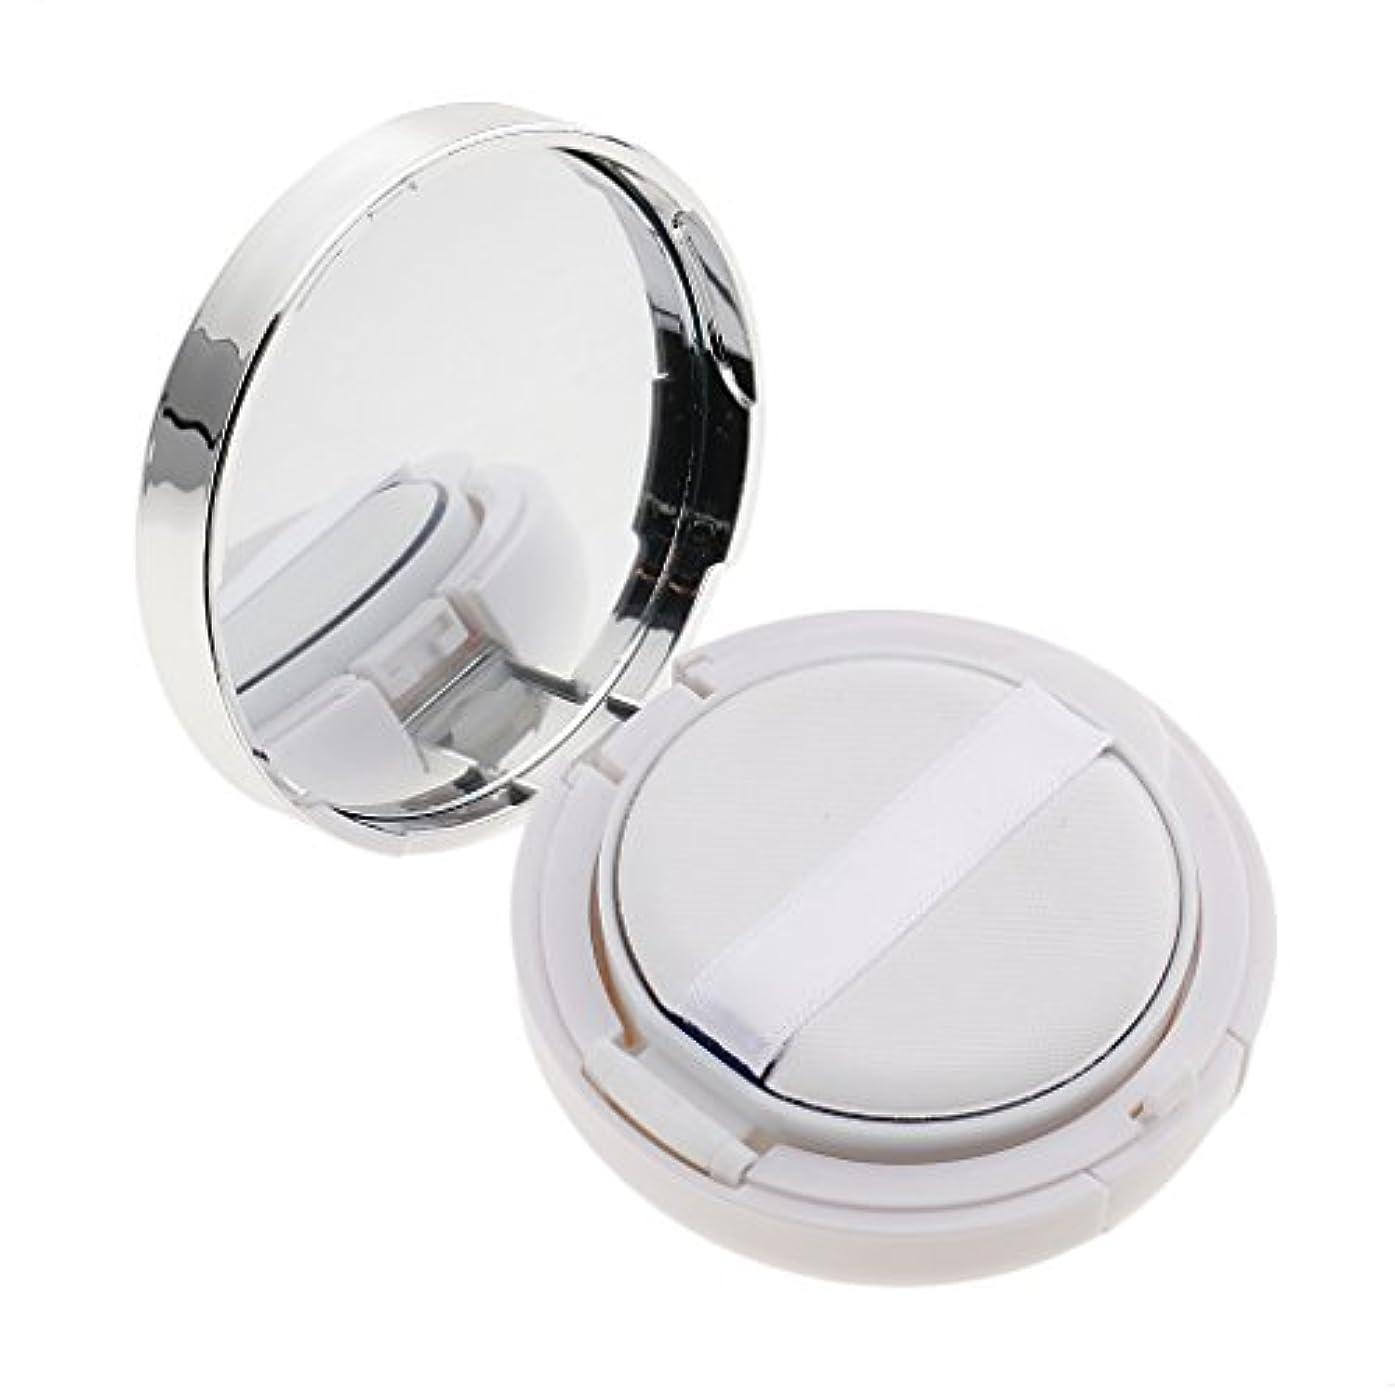 Perfk メイクアップ エアクッションケース パウダー パフ パフボックス ラウンド BBクリーム 詰替え 便利 3色選べる - 白